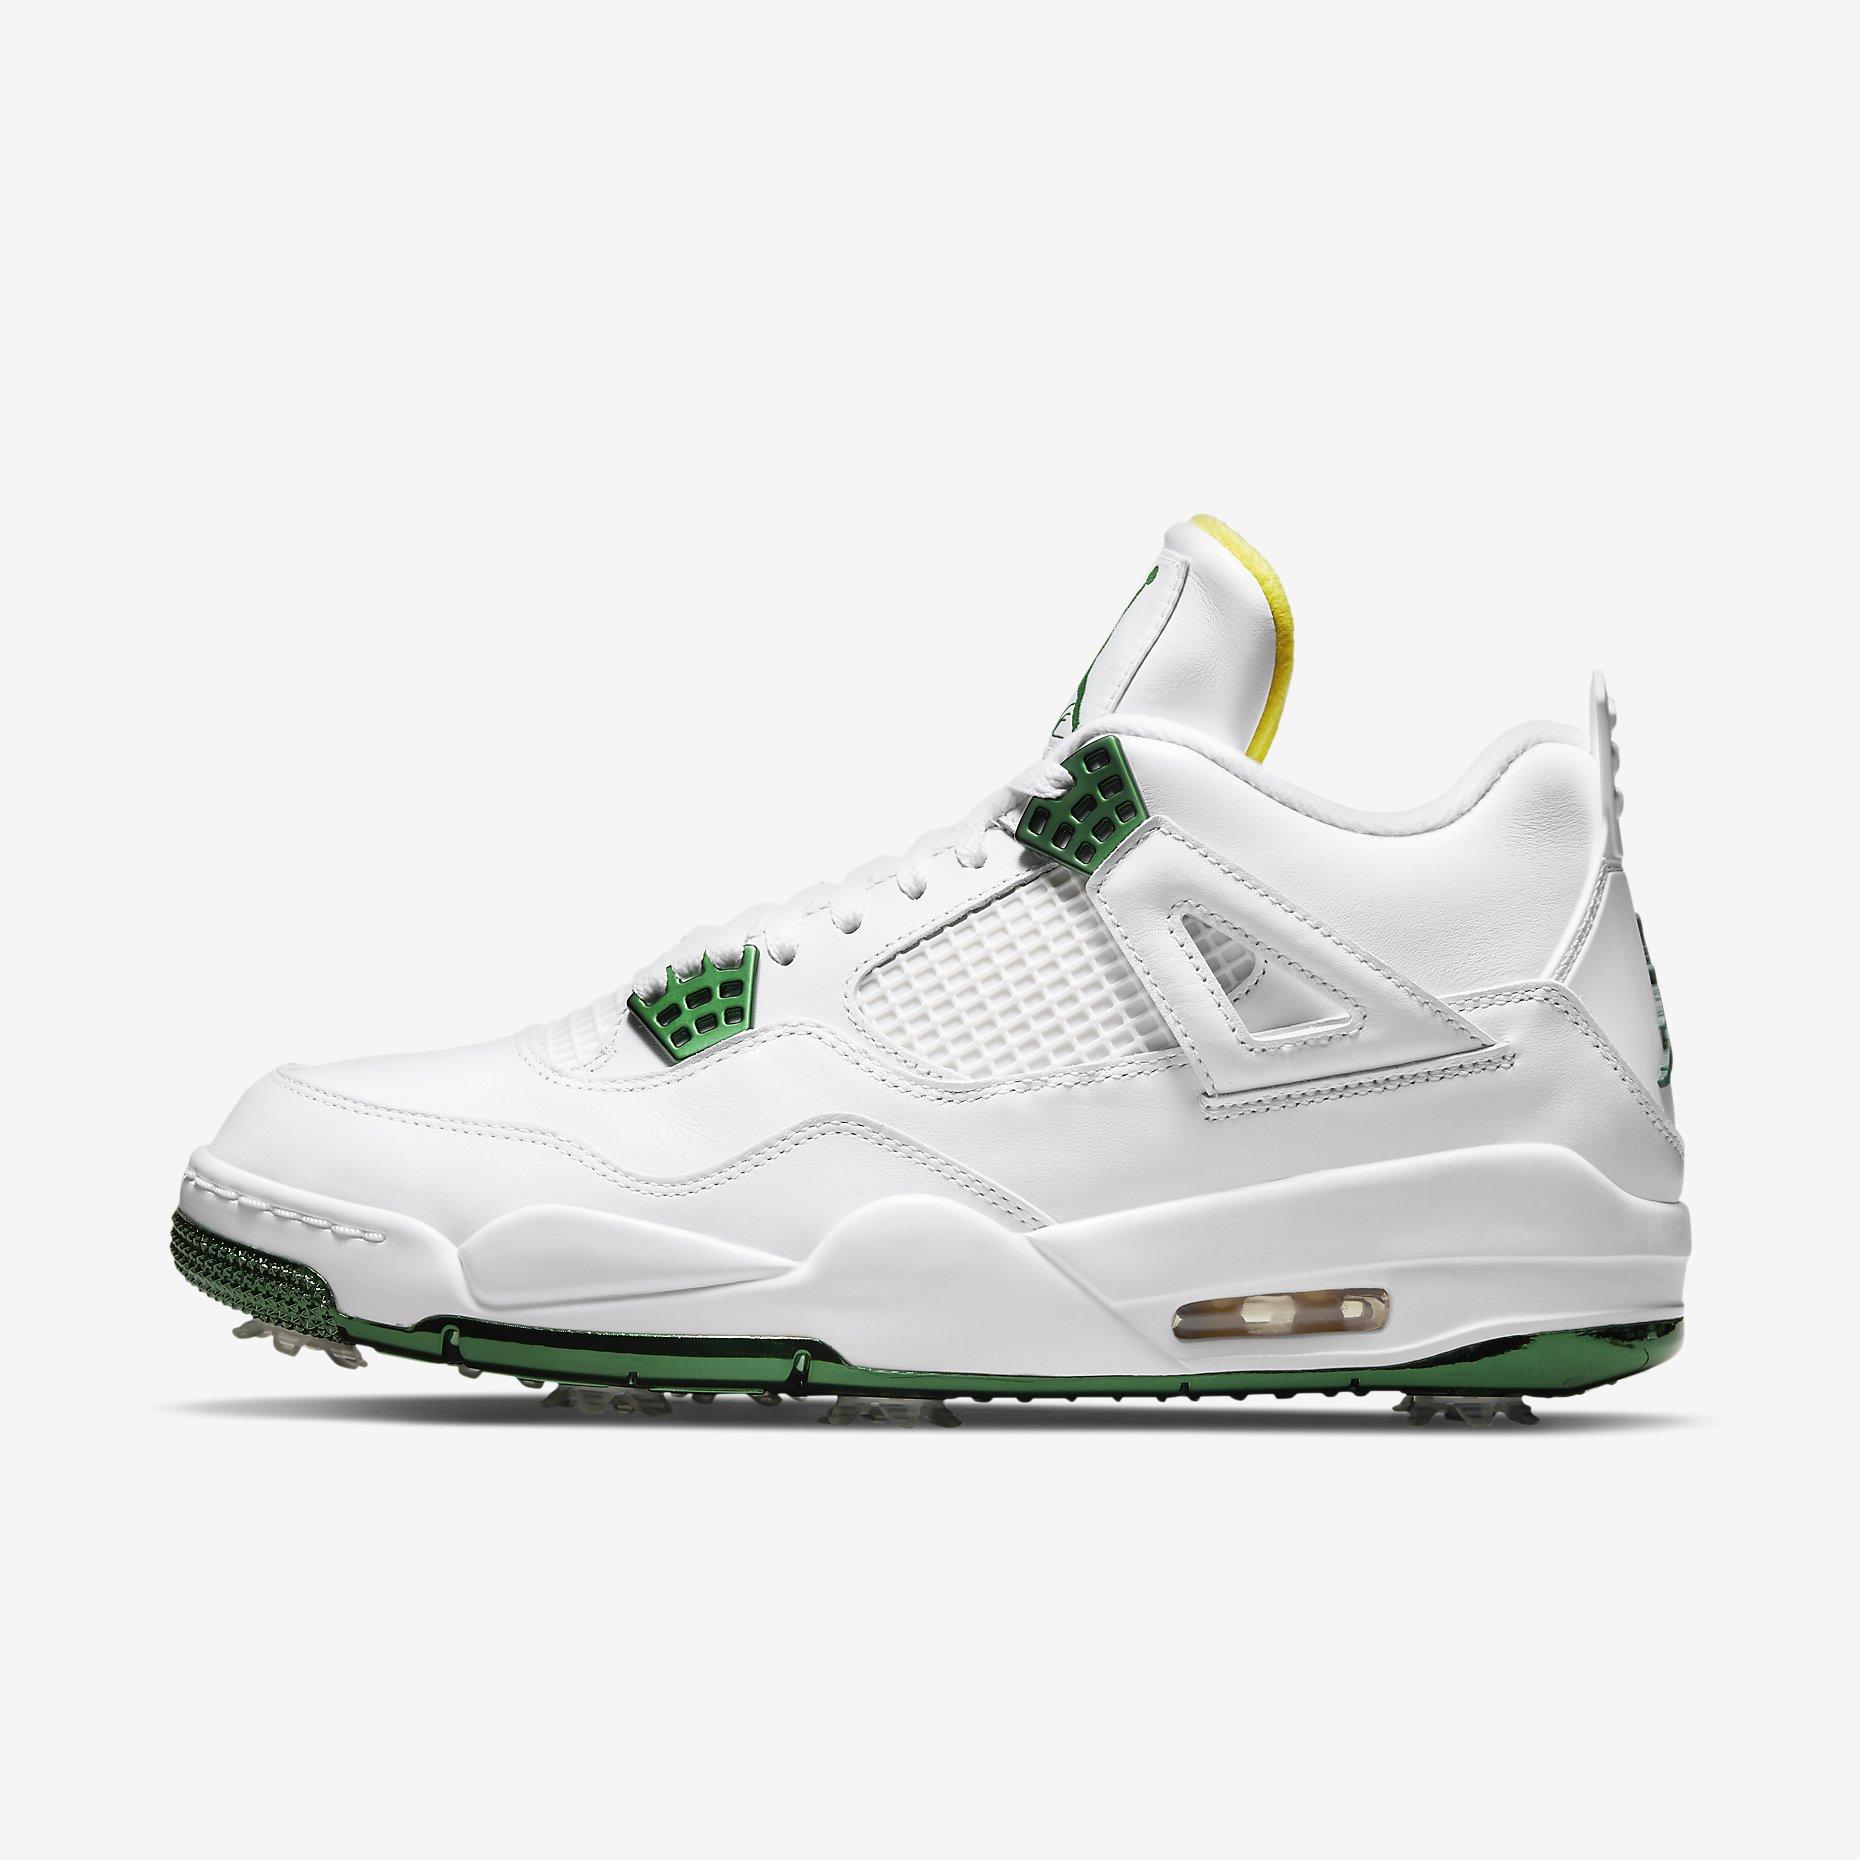 Jordan 4 G NRG 'White/Cyber'